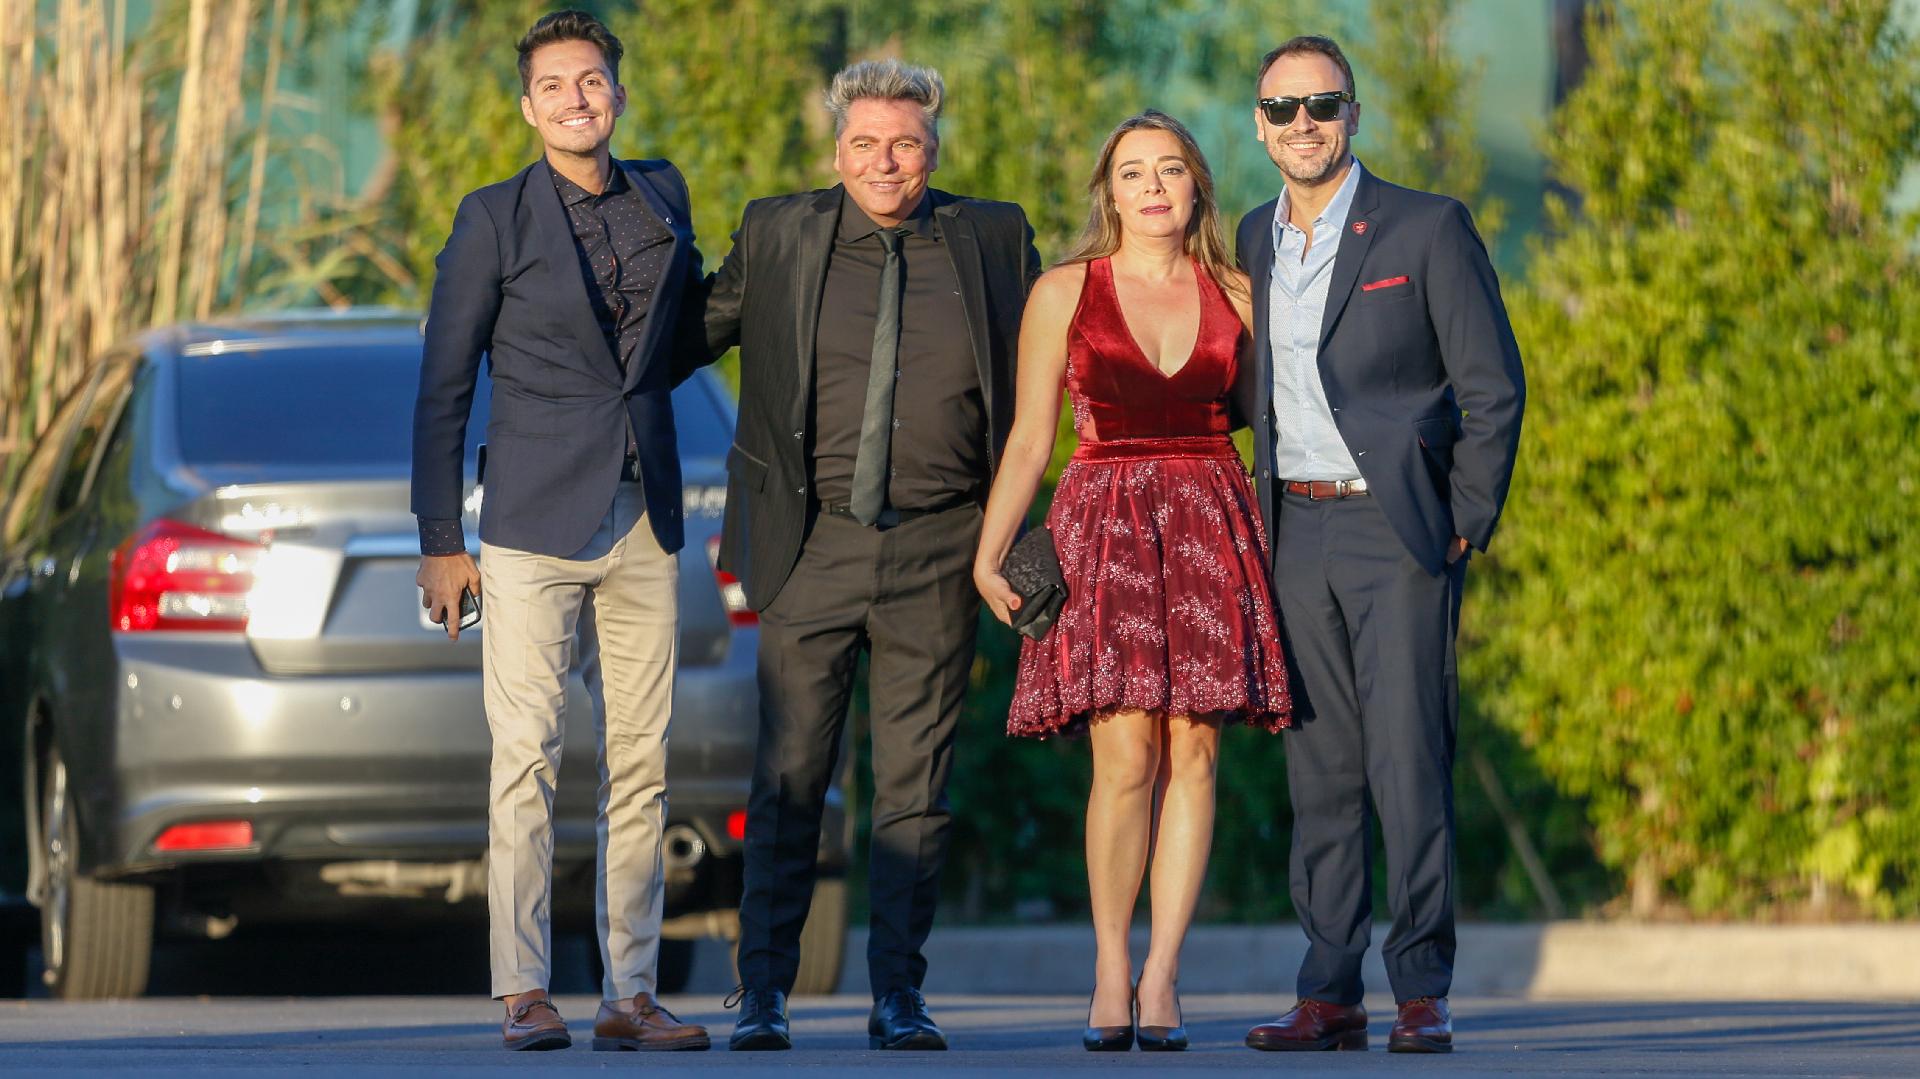 Guido Záffora, Daniel Ambrosino, Adrián Pallares y su mujer Cecilia